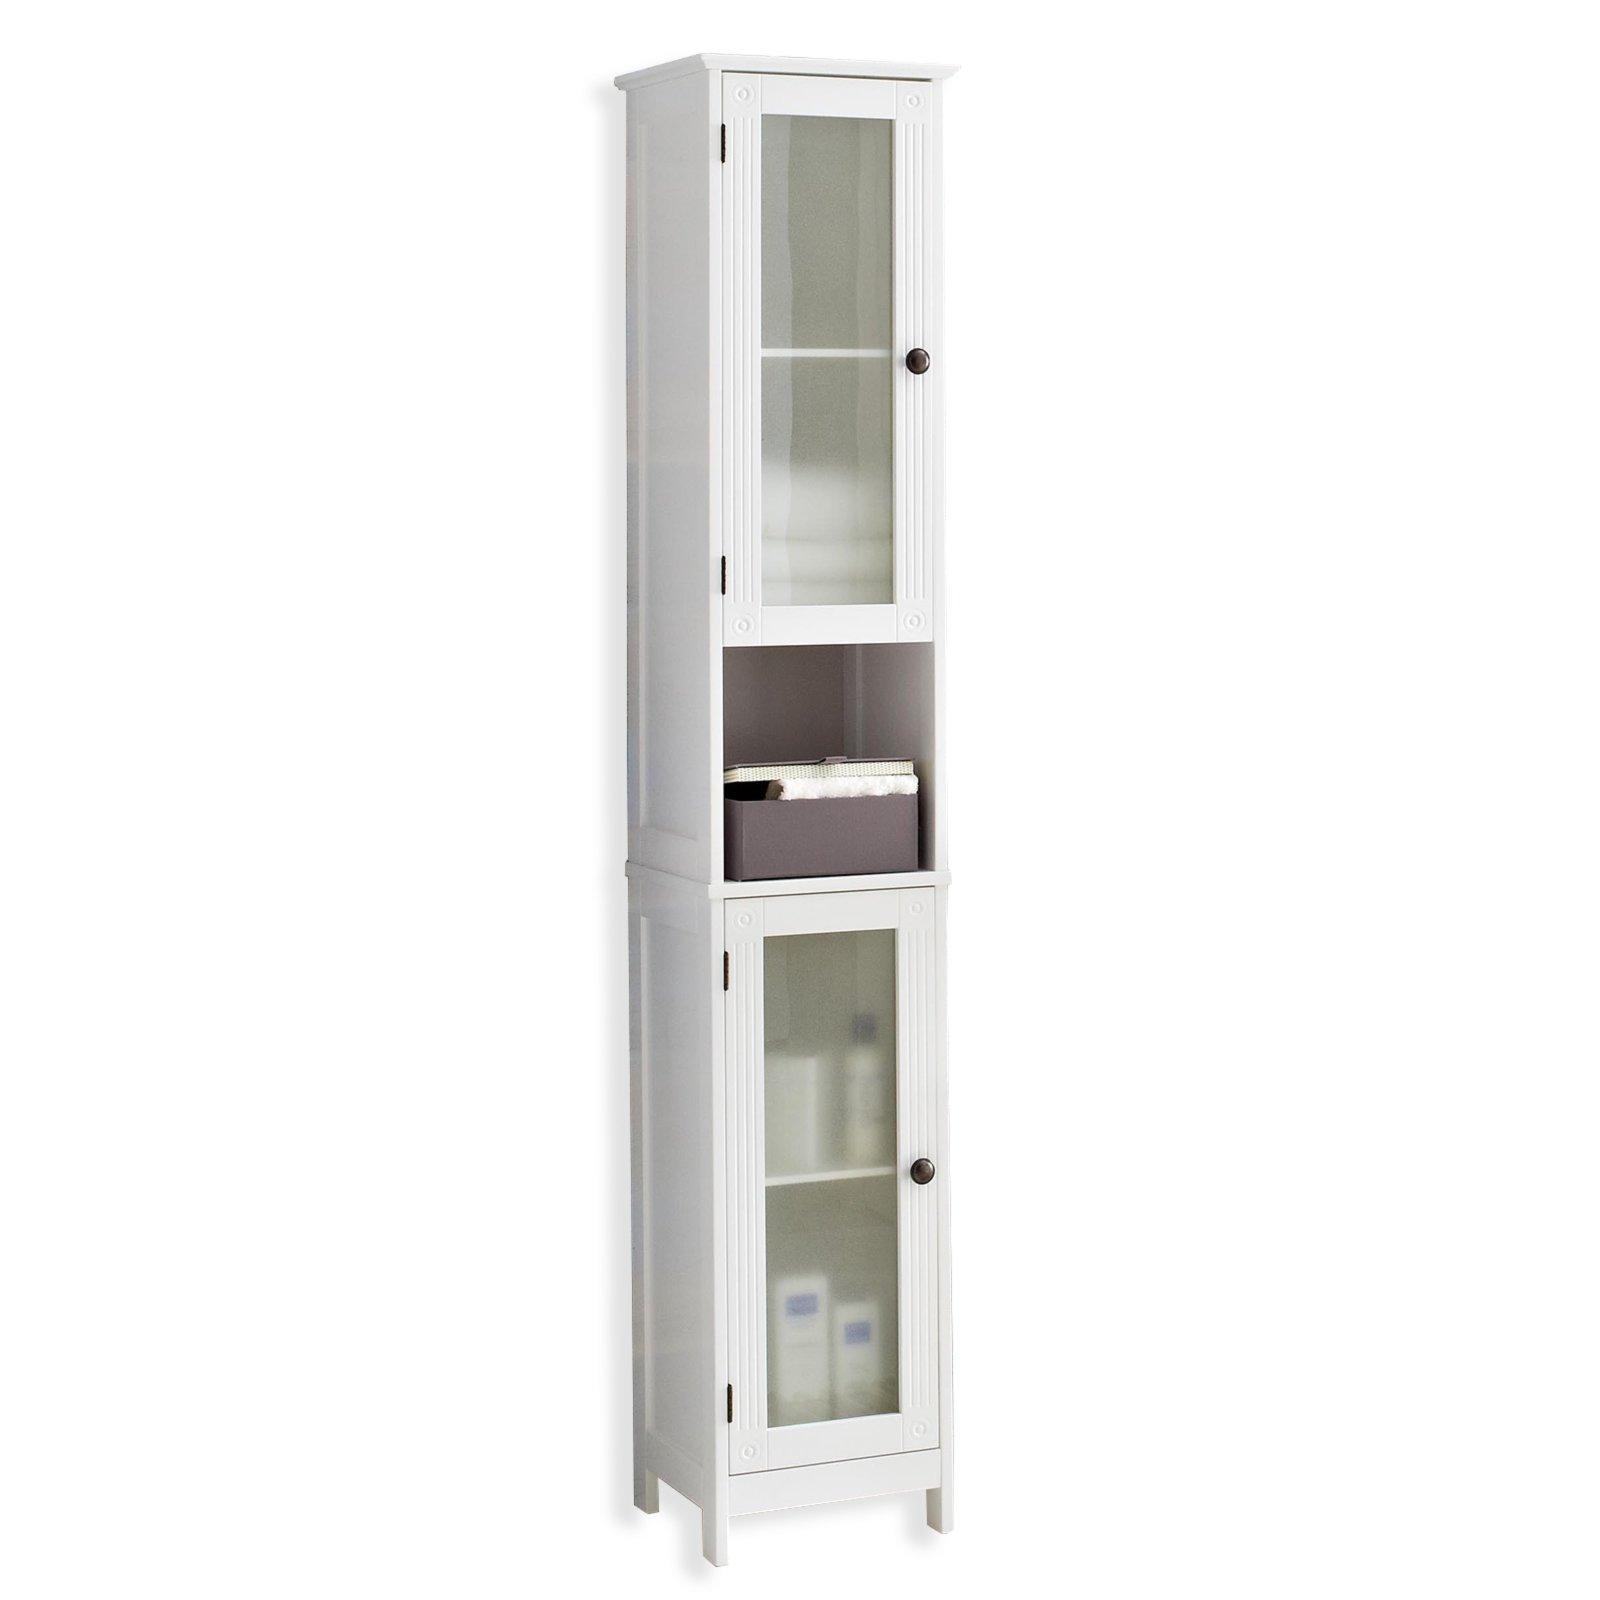 hochschrank maxim wei hochglanz glas badezimmer. Black Bedroom Furniture Sets. Home Design Ideas